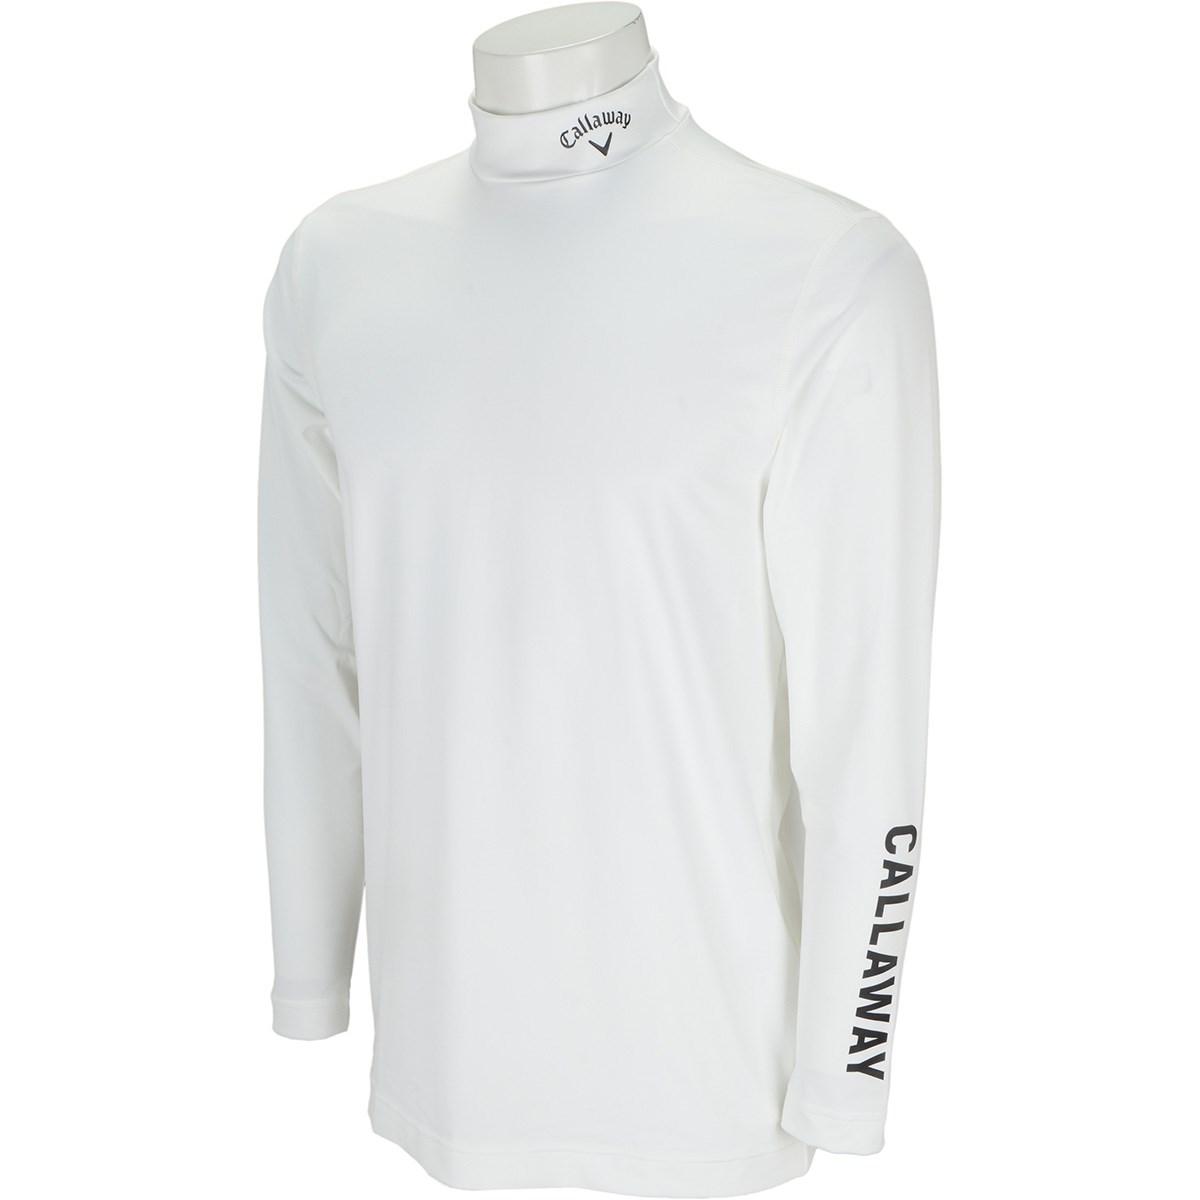 キャロウェイゴルフ(Callaway Golf) ハイネック長袖インナーシャツ